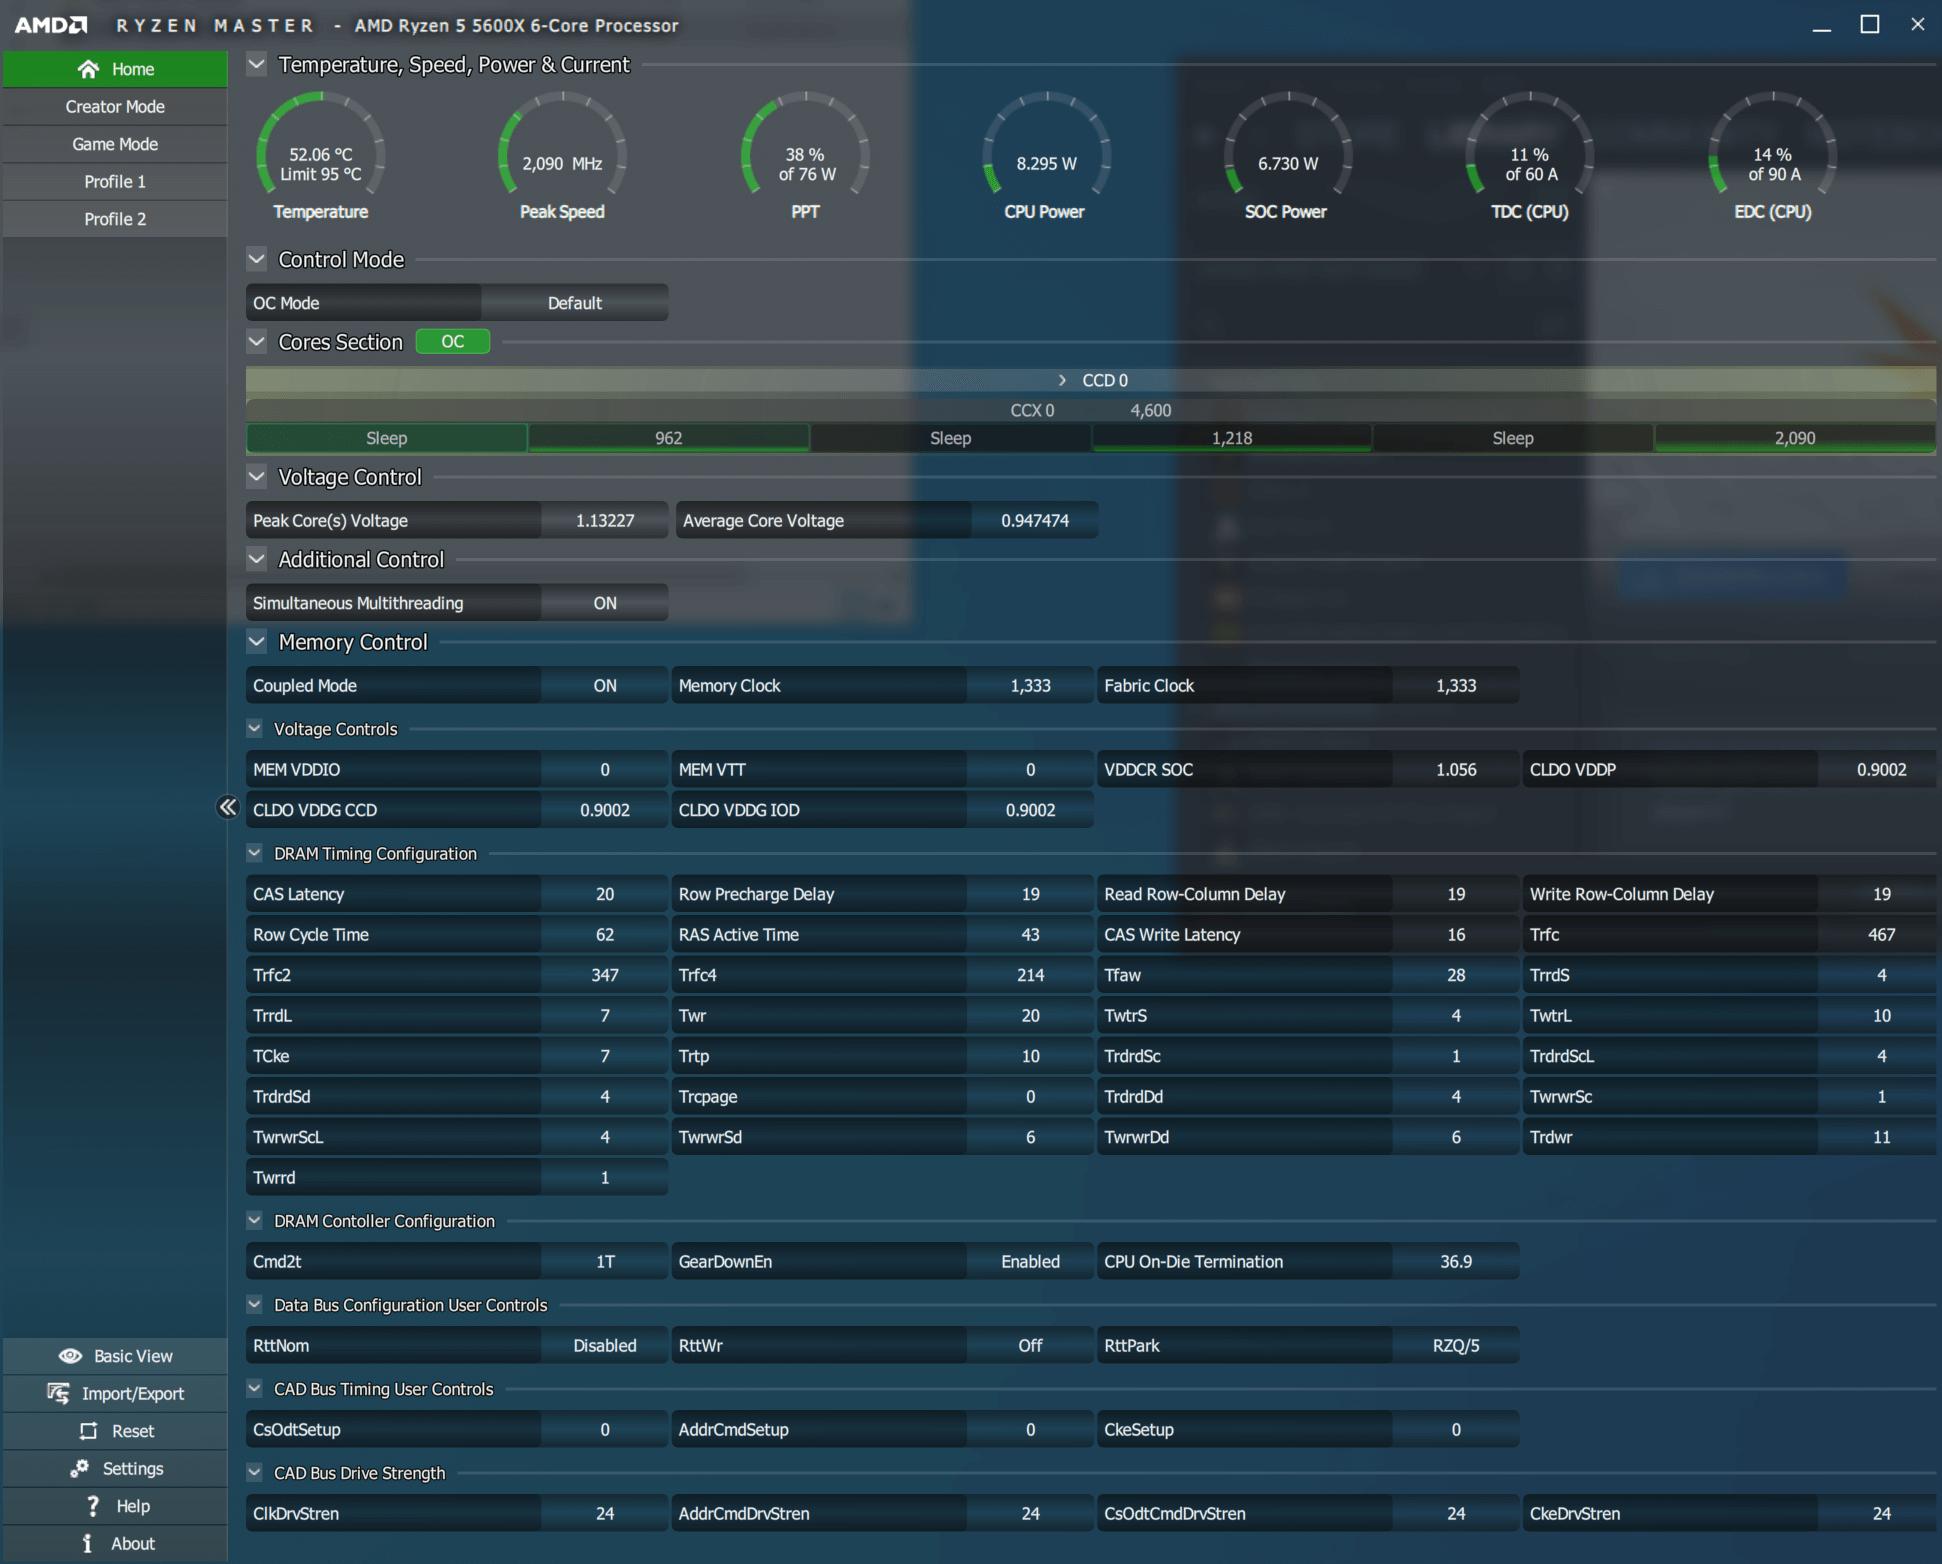 AMD RYZEN MASTER 10 26 2020 12 16 47 AM